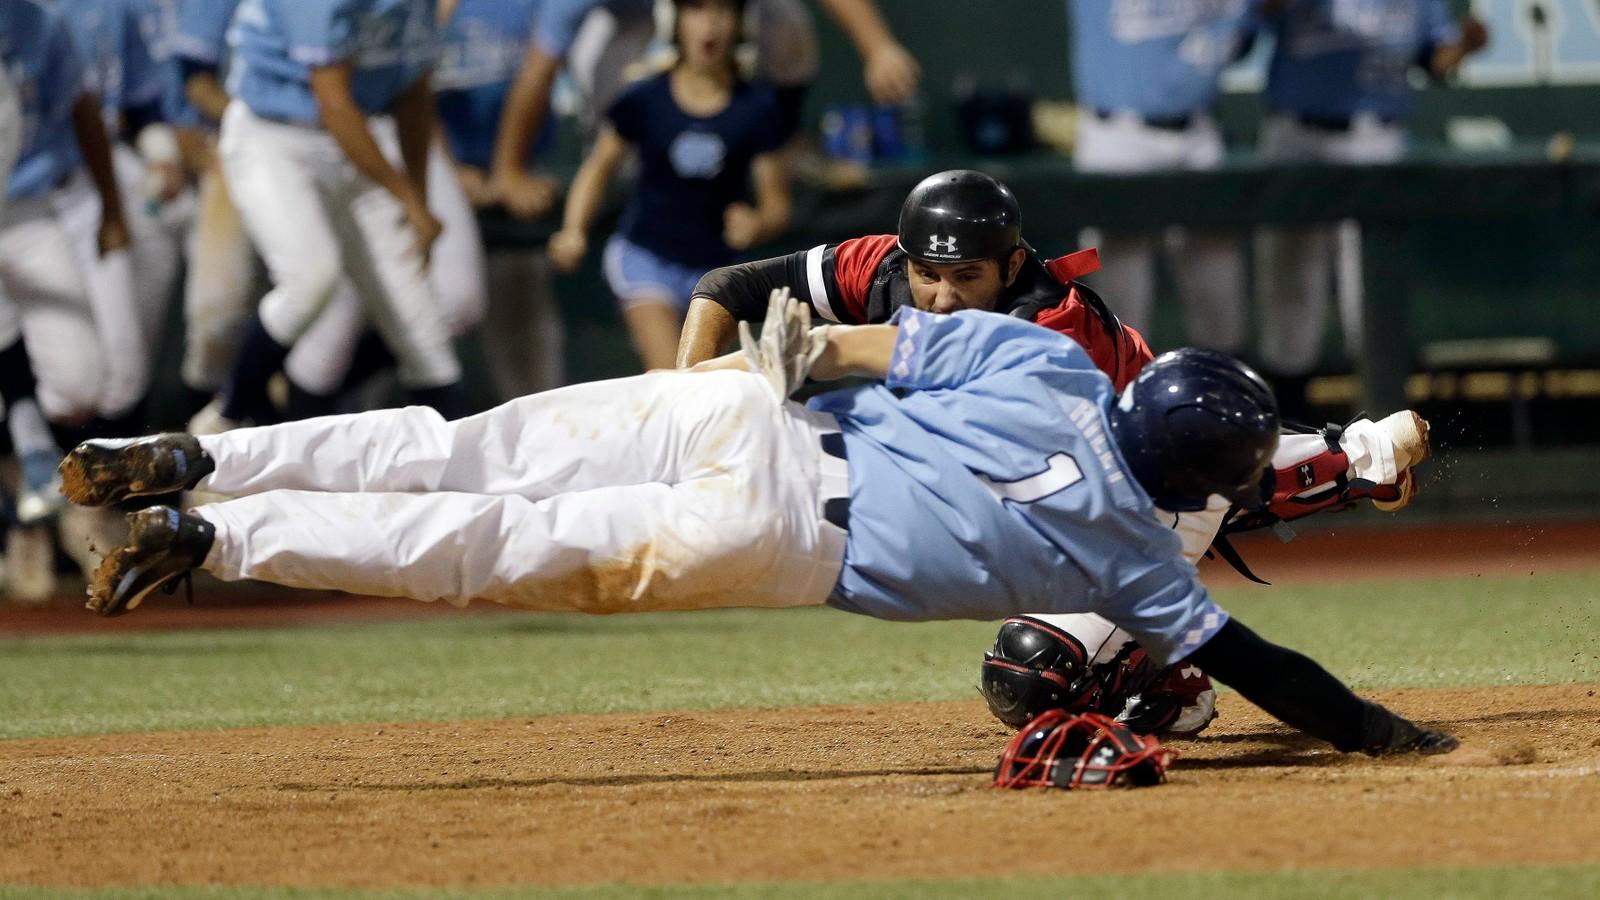 Jake Sidwell og Brandon Riley (i blått) fra baseballagene Davidson og North Carolina ga alt for å komme først. Riley gikk tapende ut av den duellen.